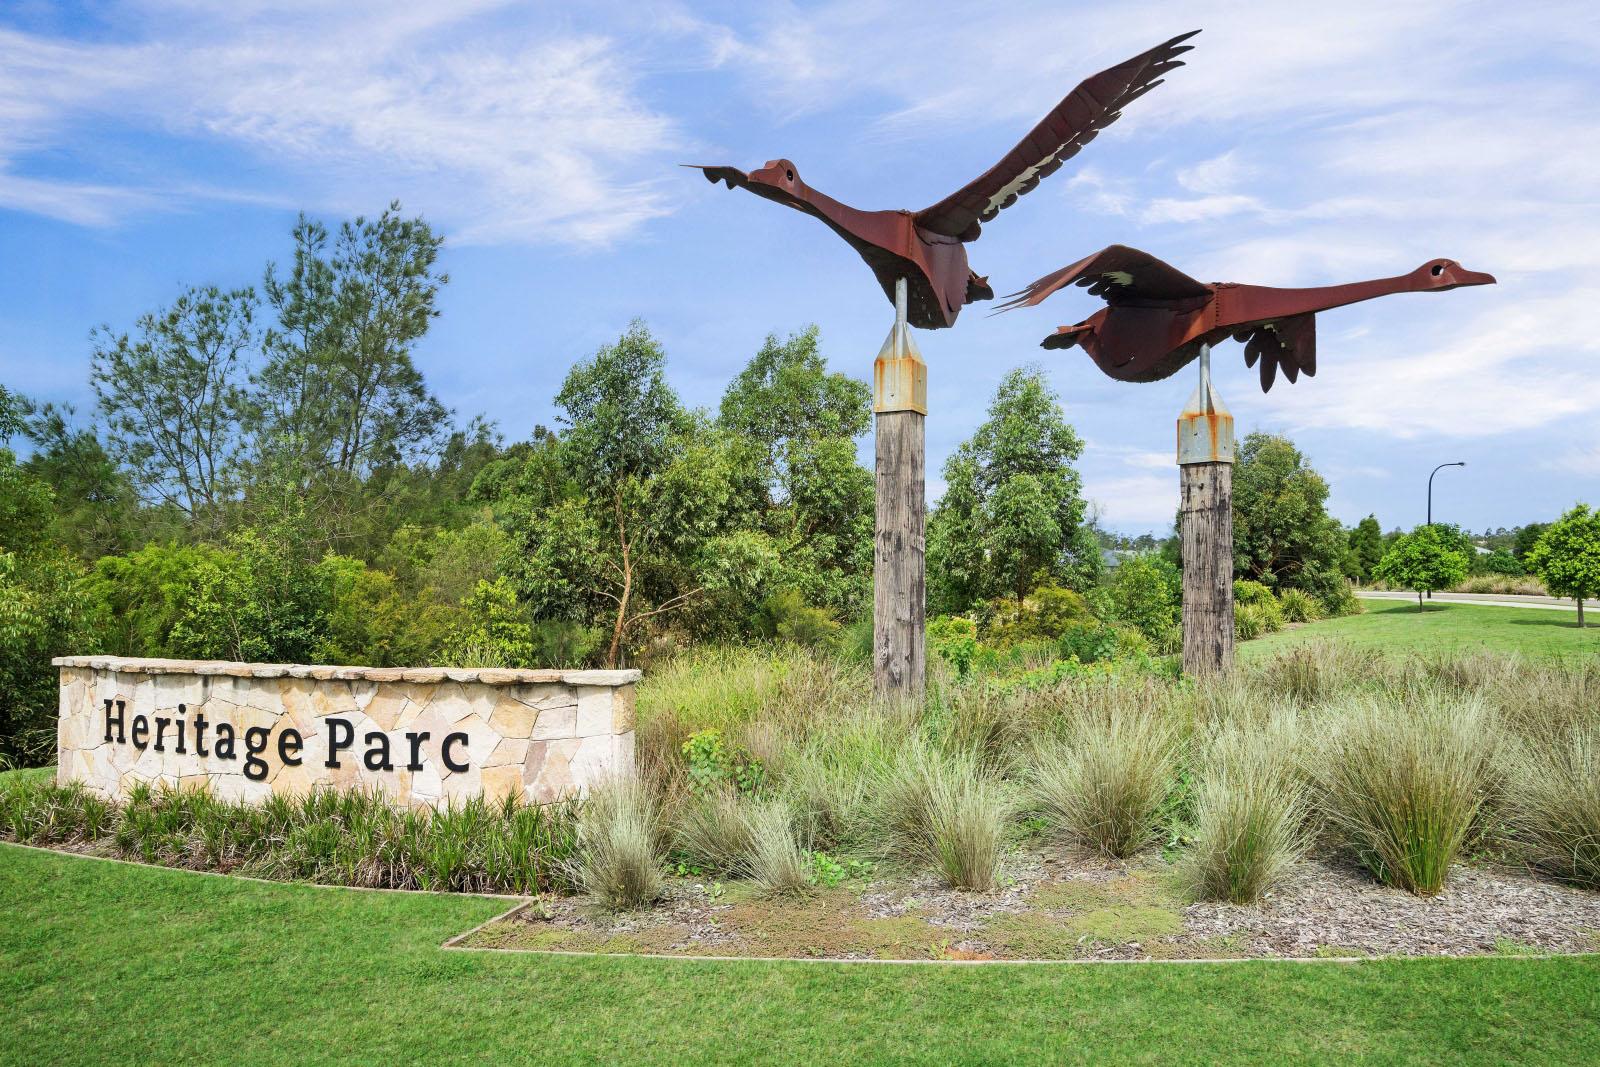 Heritage Parc.jpg